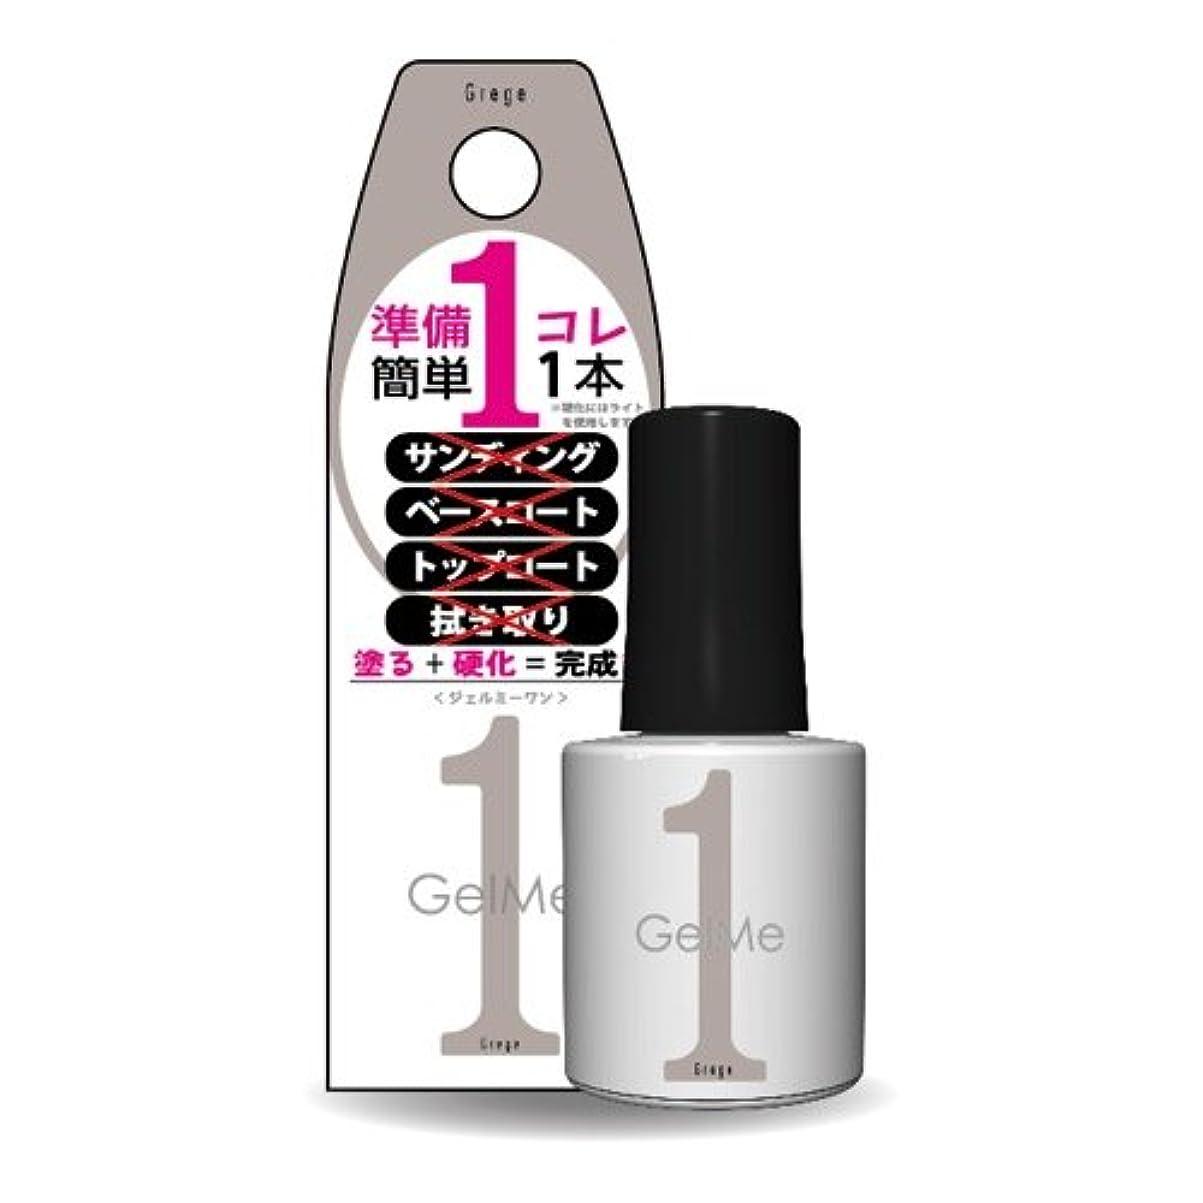 純粋にスタイル番号Gel me 1(ジェルミーワン) 54 グレージュ 10ml